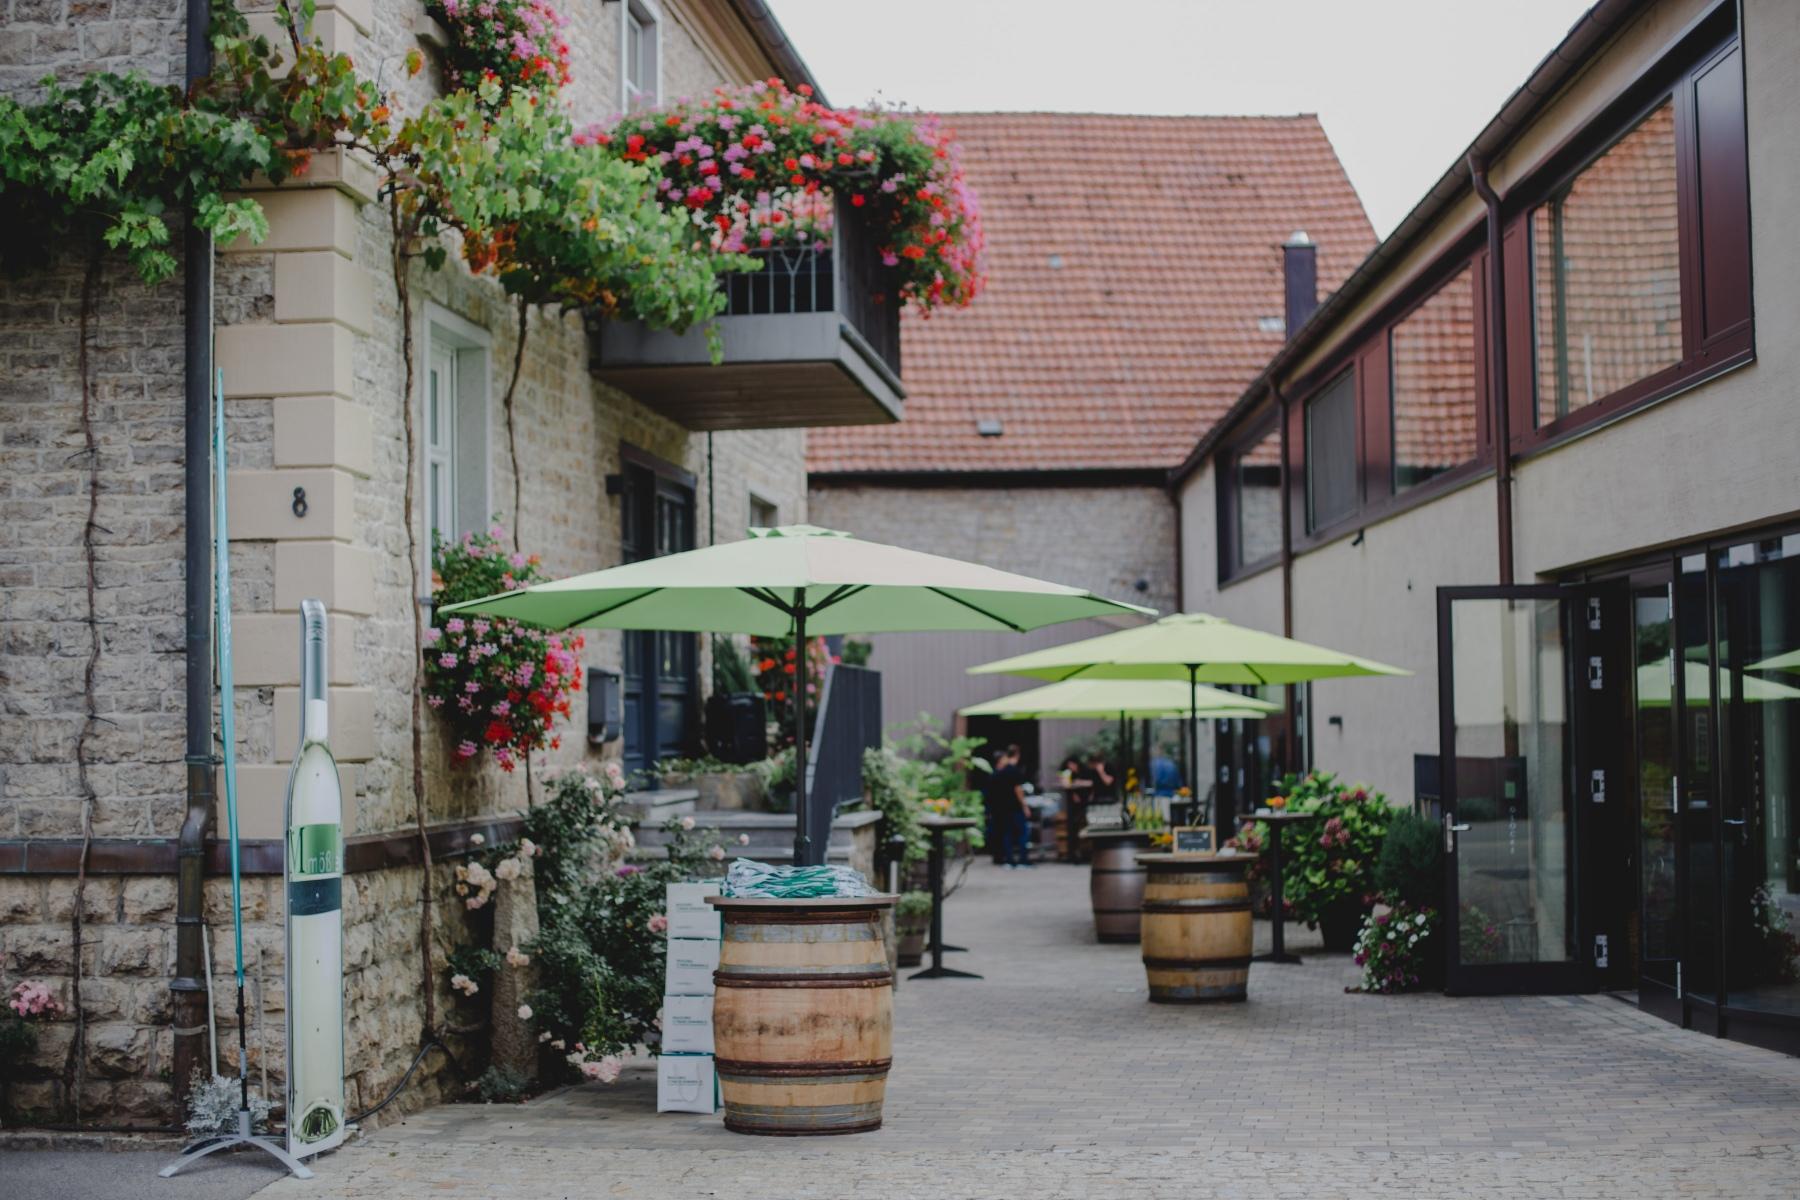 Das Weingut Mößlein freute sich auf den Besuch von 60 Kaspersky Partnern aus ganz Deutschland.